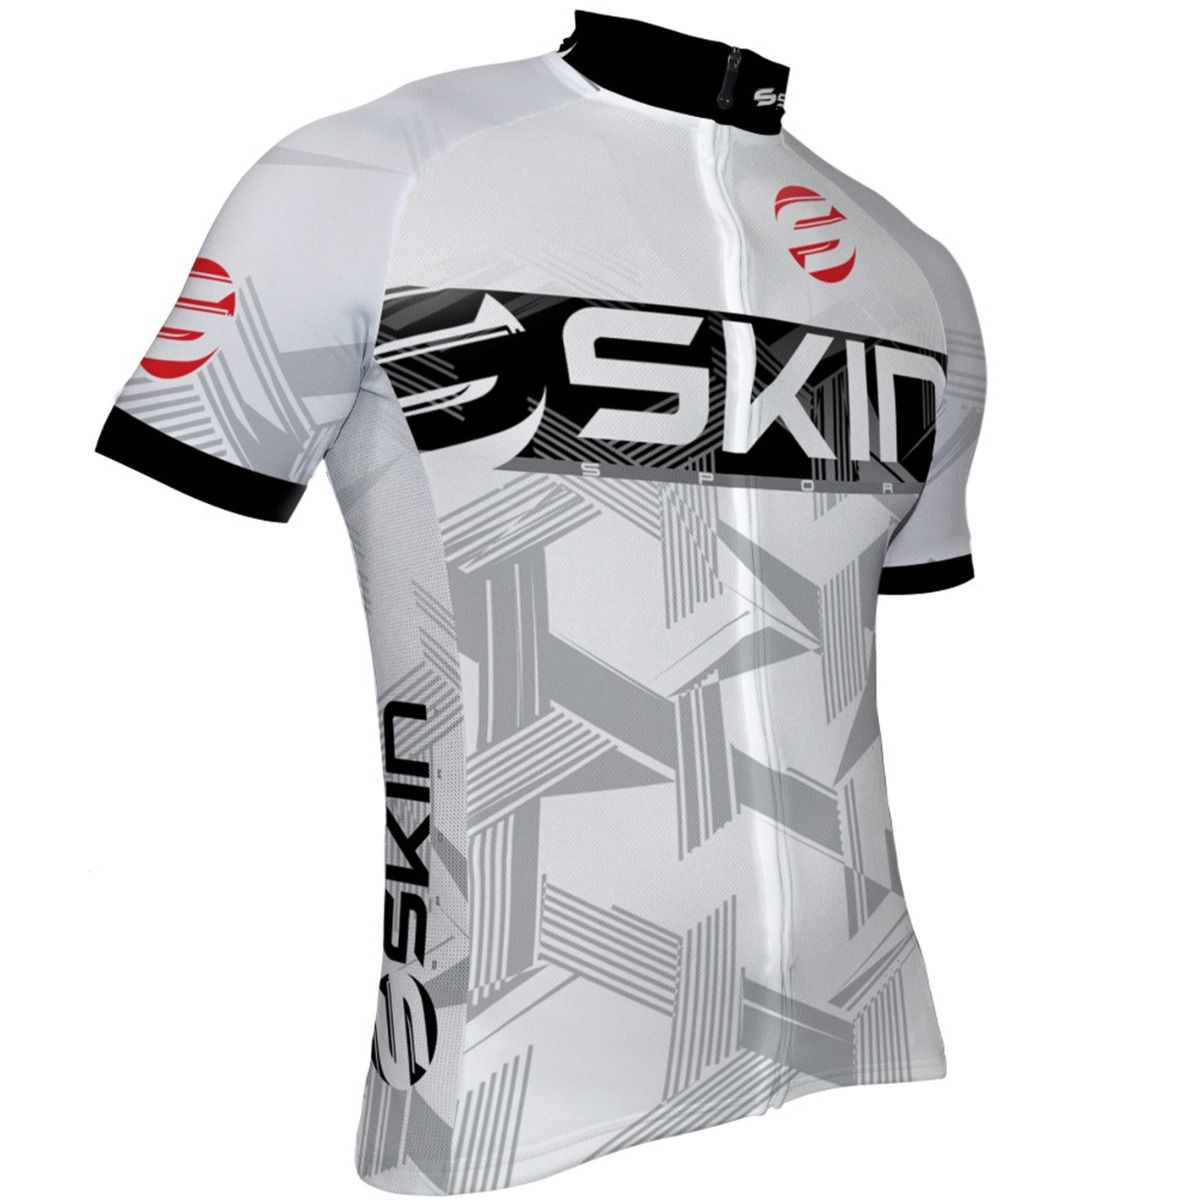 Camisa Ciclismo Masculina Skin Fun Branco Cinza Preto